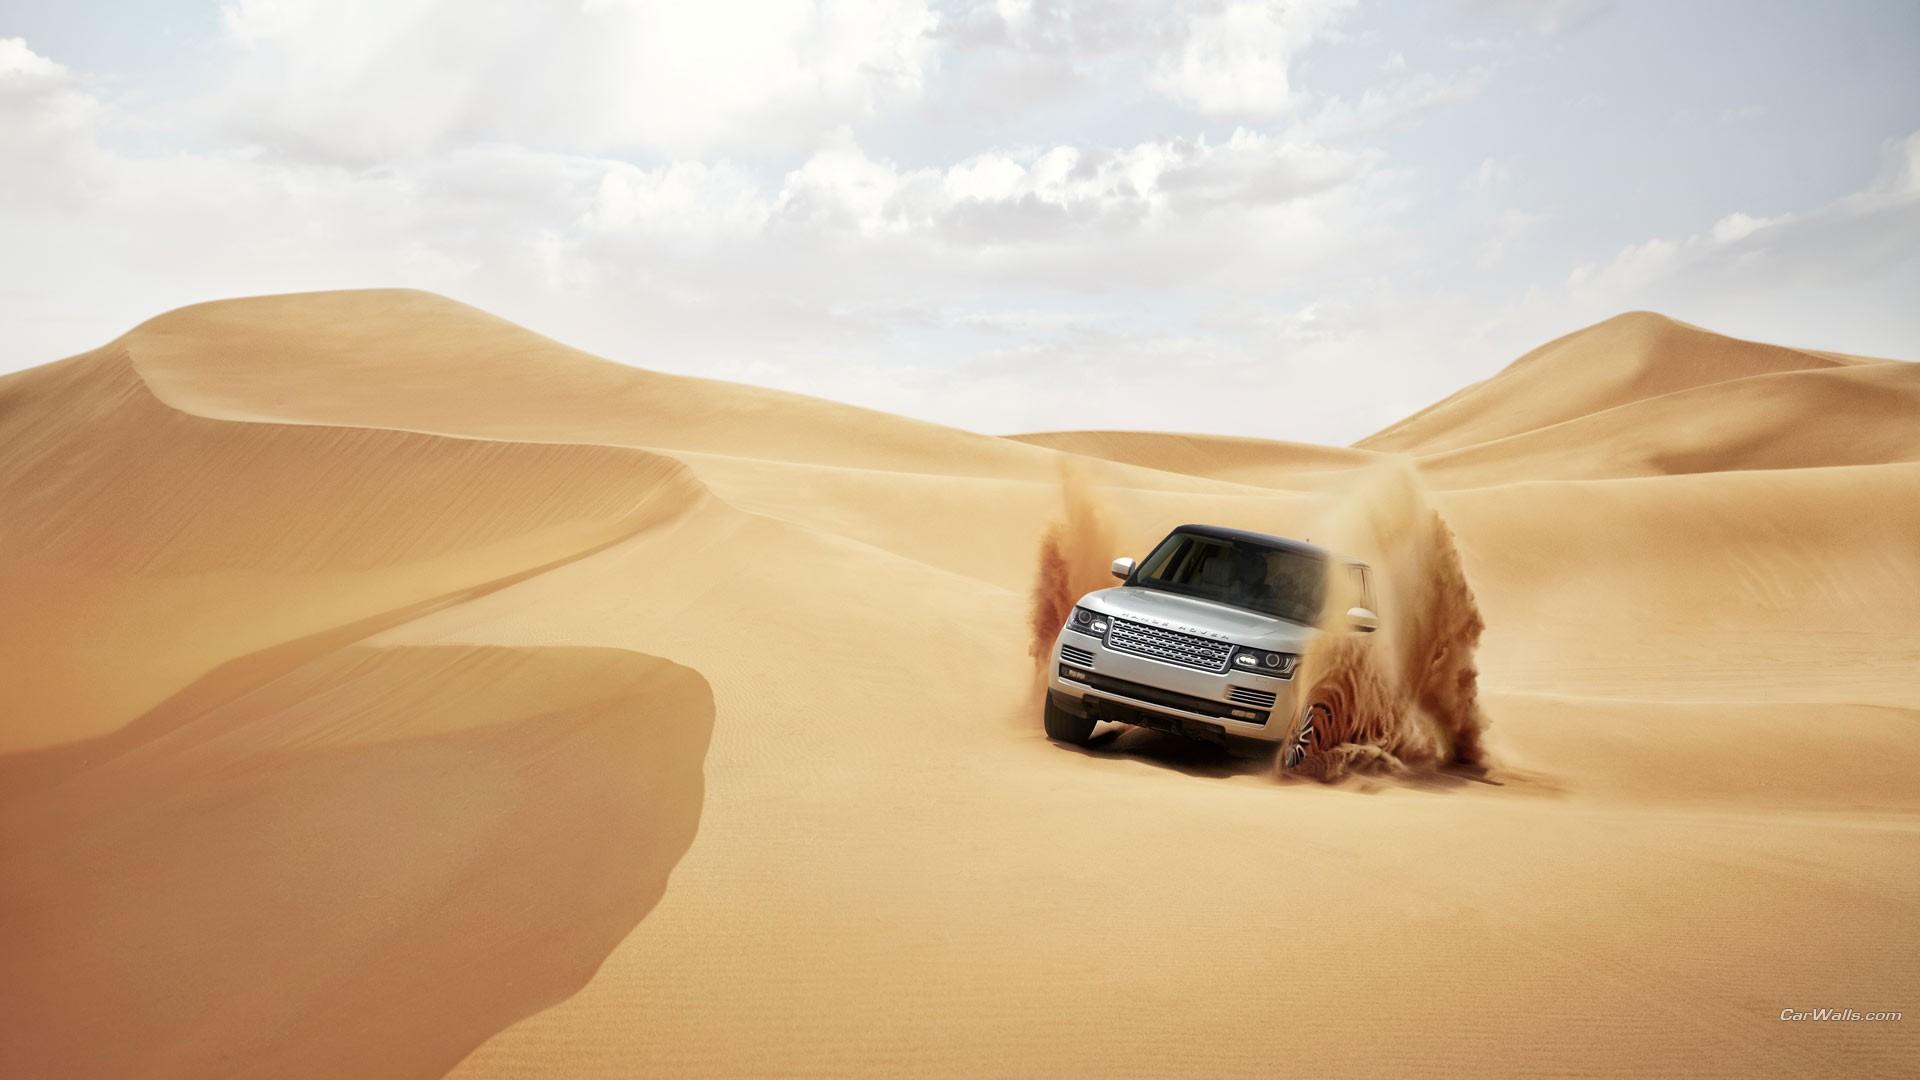 General 1920x1080 Range Rover car desert sand